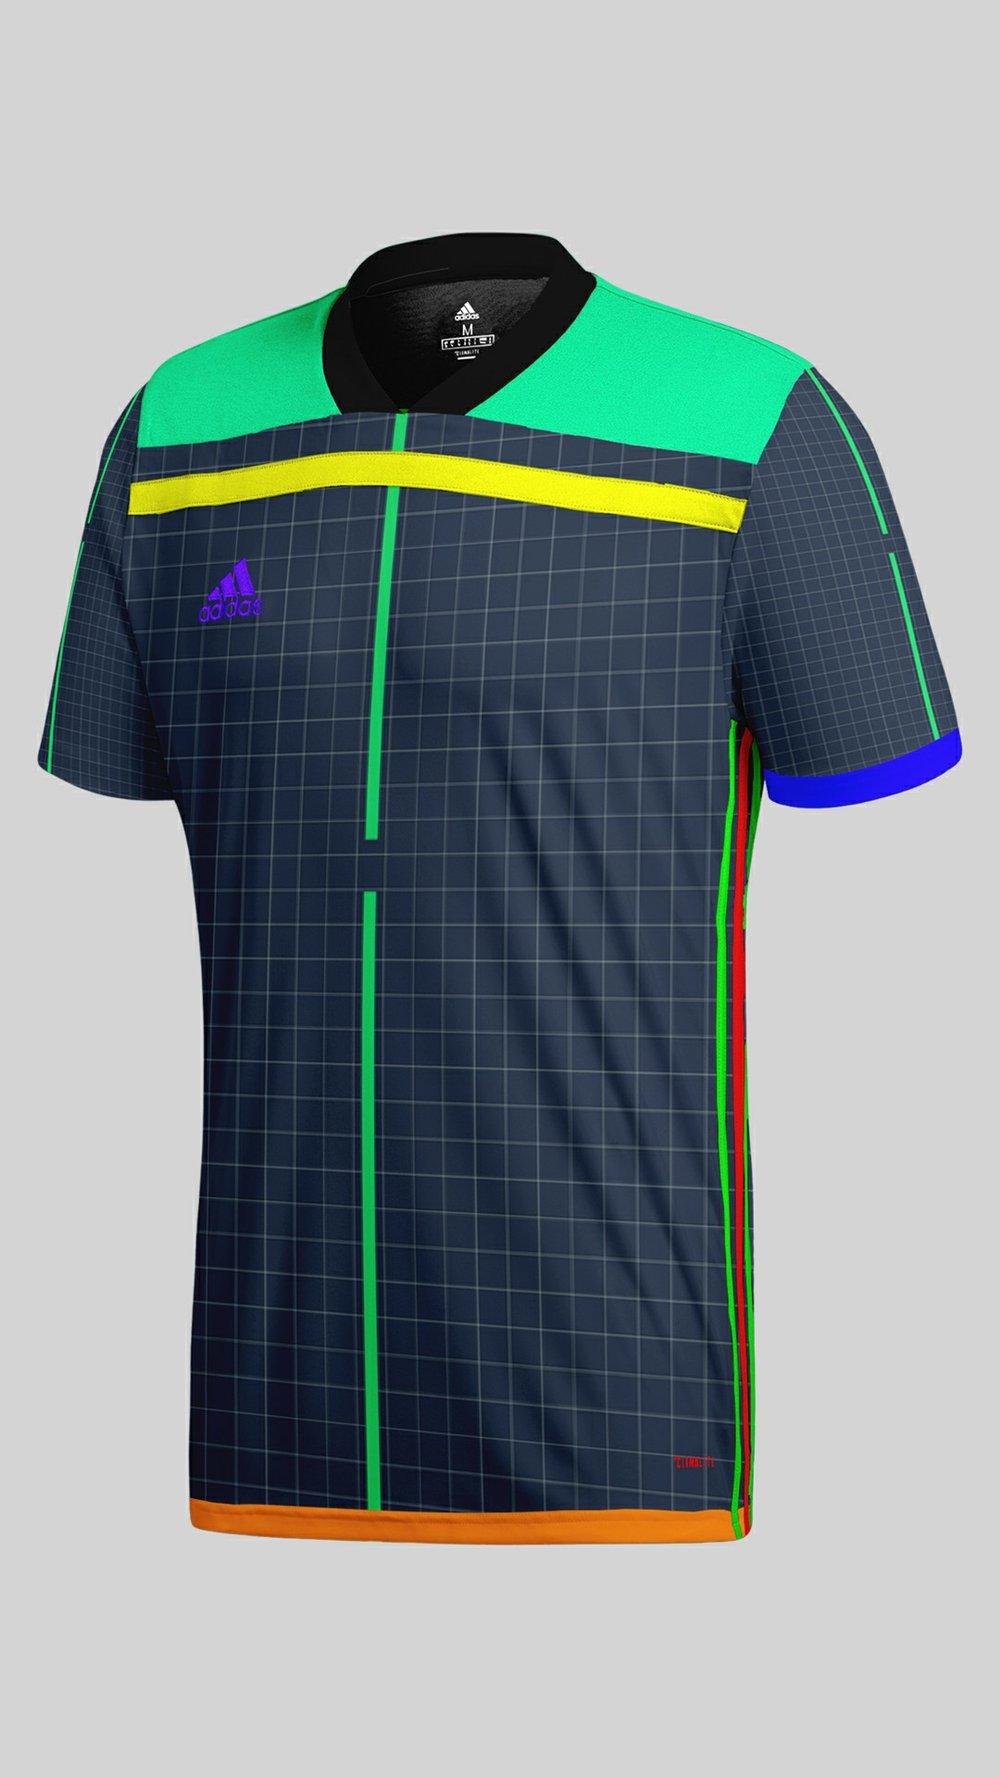 Men's full soccer team kit mockup. 513 Mockup Jersey Sepeda Mockups Builder Free Psd Mockups All Template Design Assets